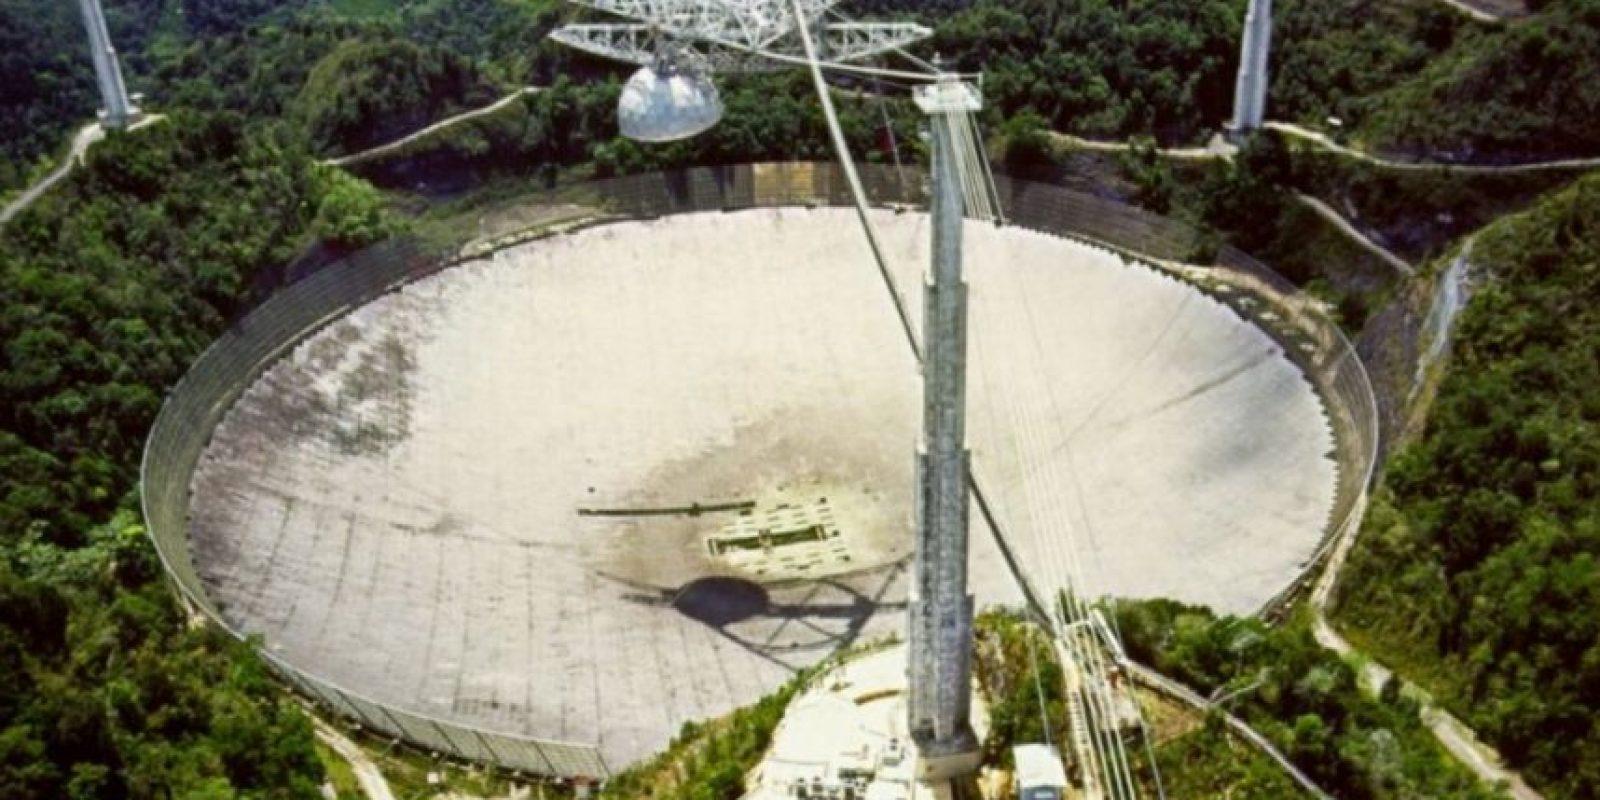 China esta construyendo el radiotelescopio más grande del mundo con el objetivo de recoger mensajes del espacio exterior que podrían estar relacionados con vida inteligente. Foto:Twitter @_FaisalArief